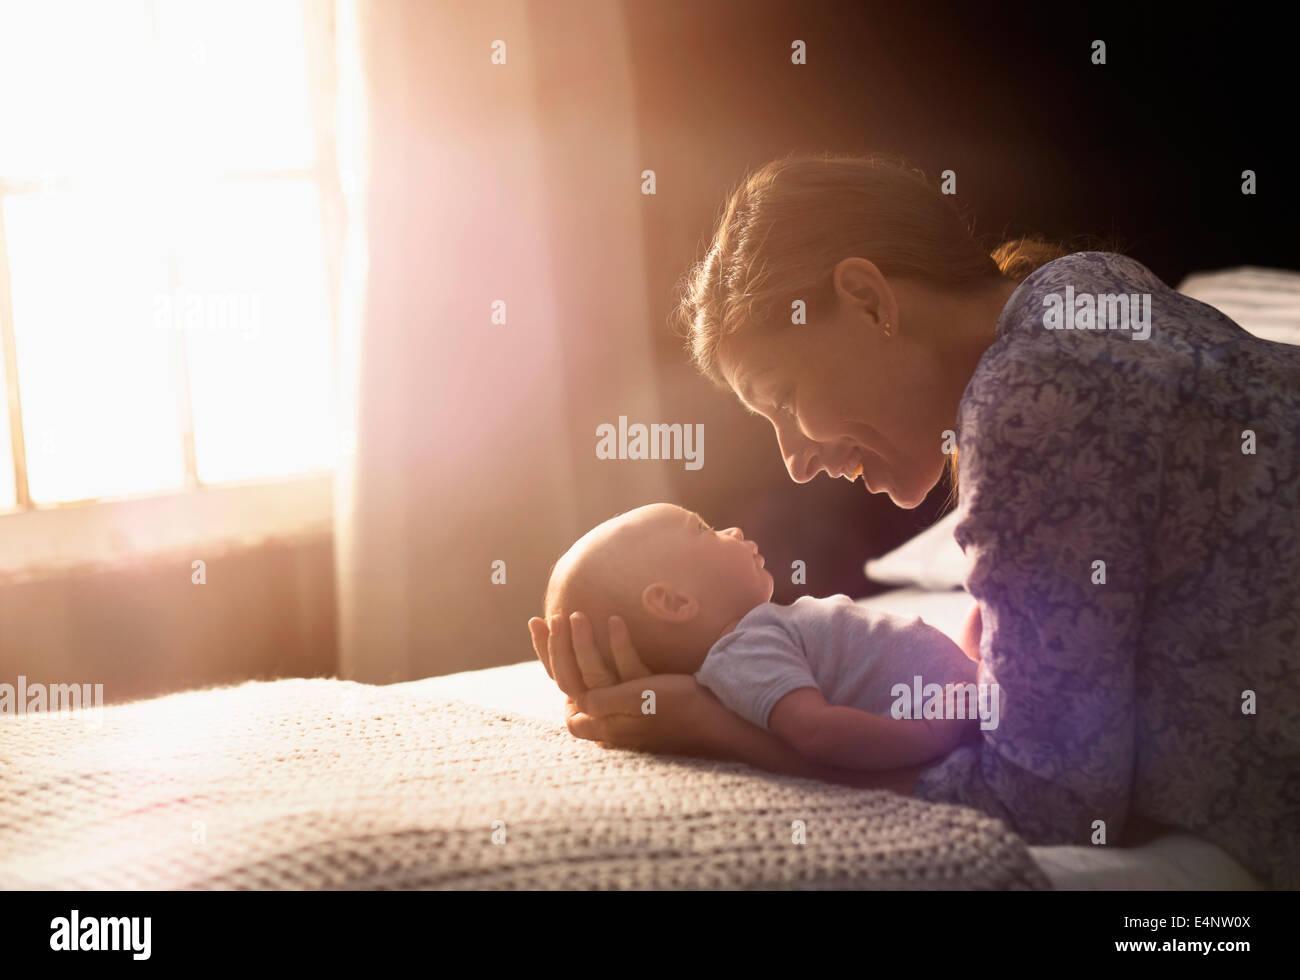 Madre sosteniendo Baby Boy (2-5 meses) en dormitorio Imagen De Stock